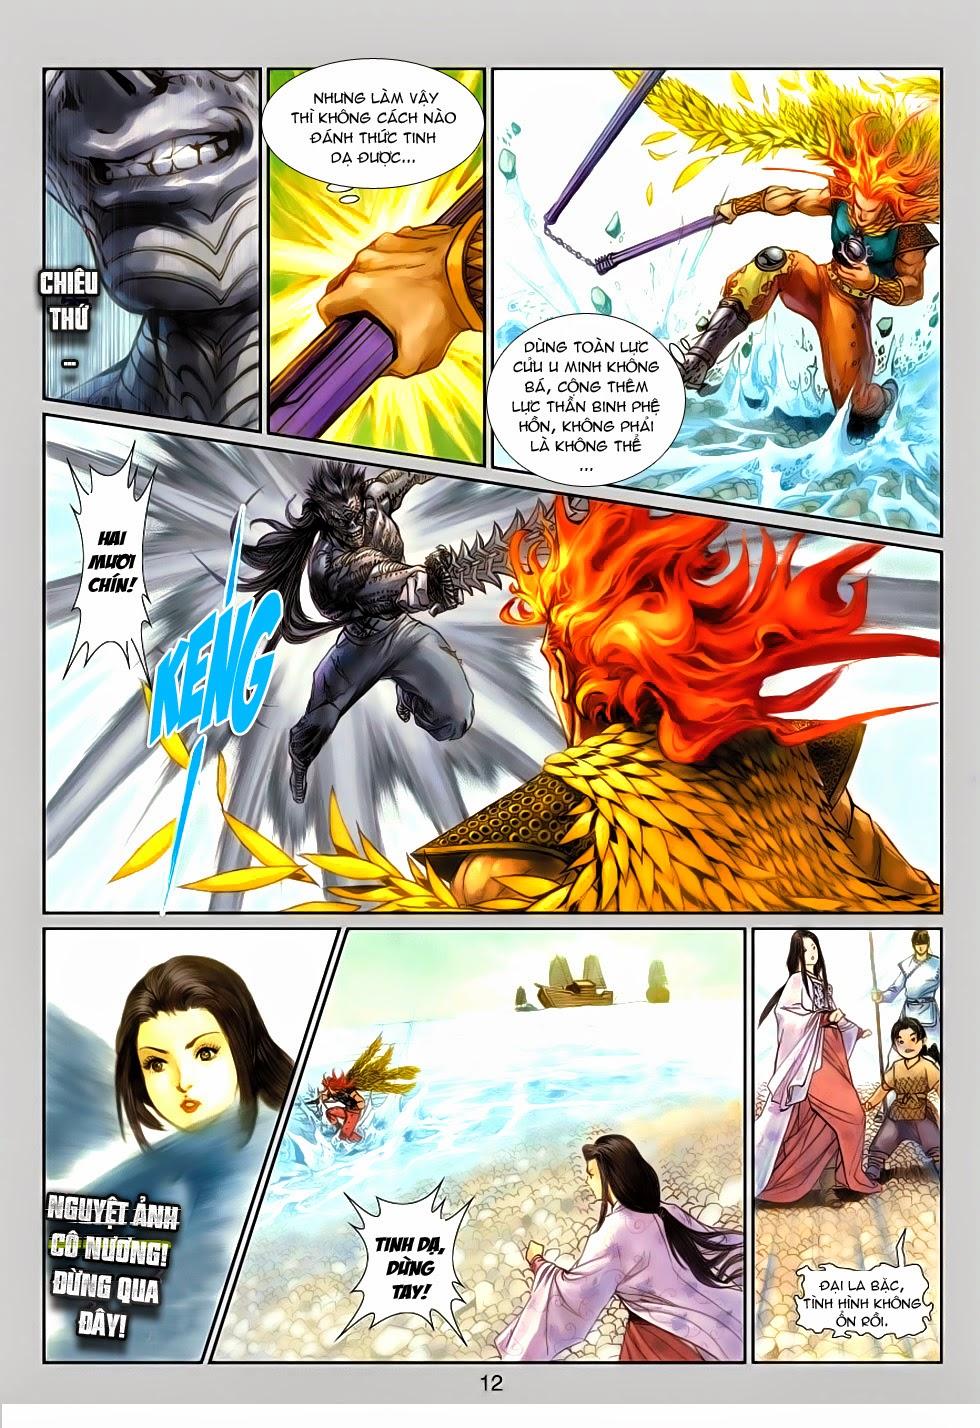 Thần Binh Tiền Truyện 4 - Huyền Thiên Tà Đế chap 13 - Trang 12